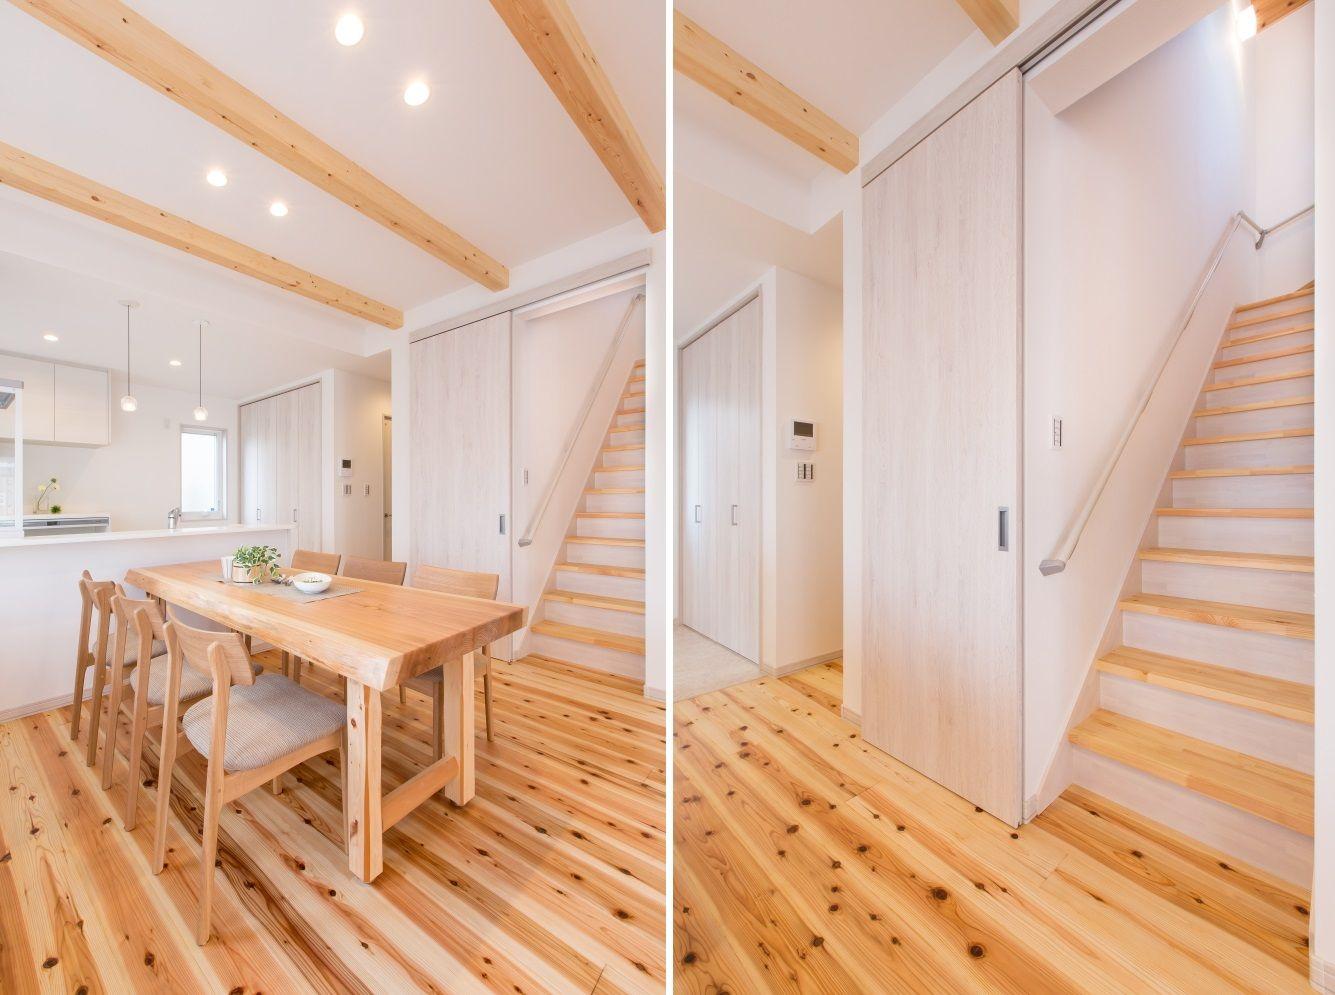 人気のリビング階段 リビング階段のデメリットは下記の4点 暖房